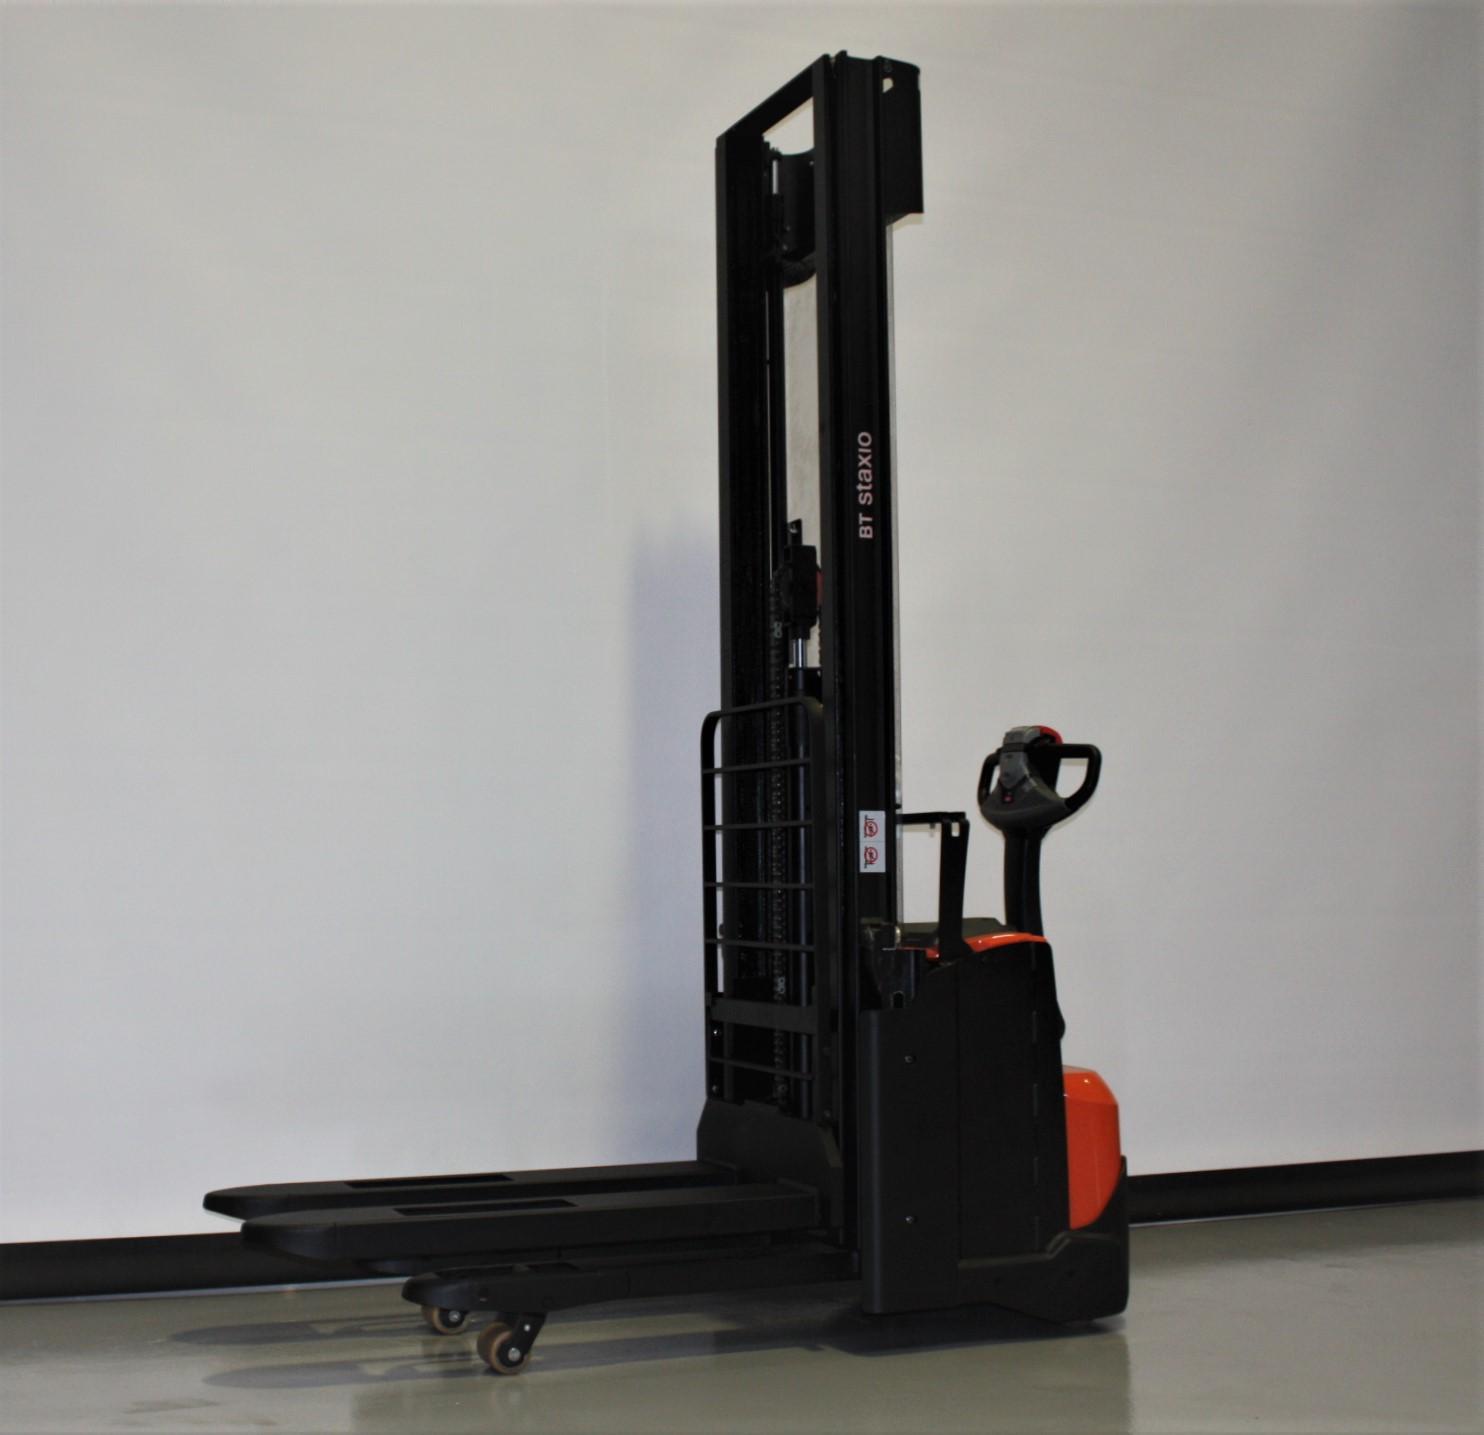 Toyota-Gabelstapler-59840 1911033560 1 10